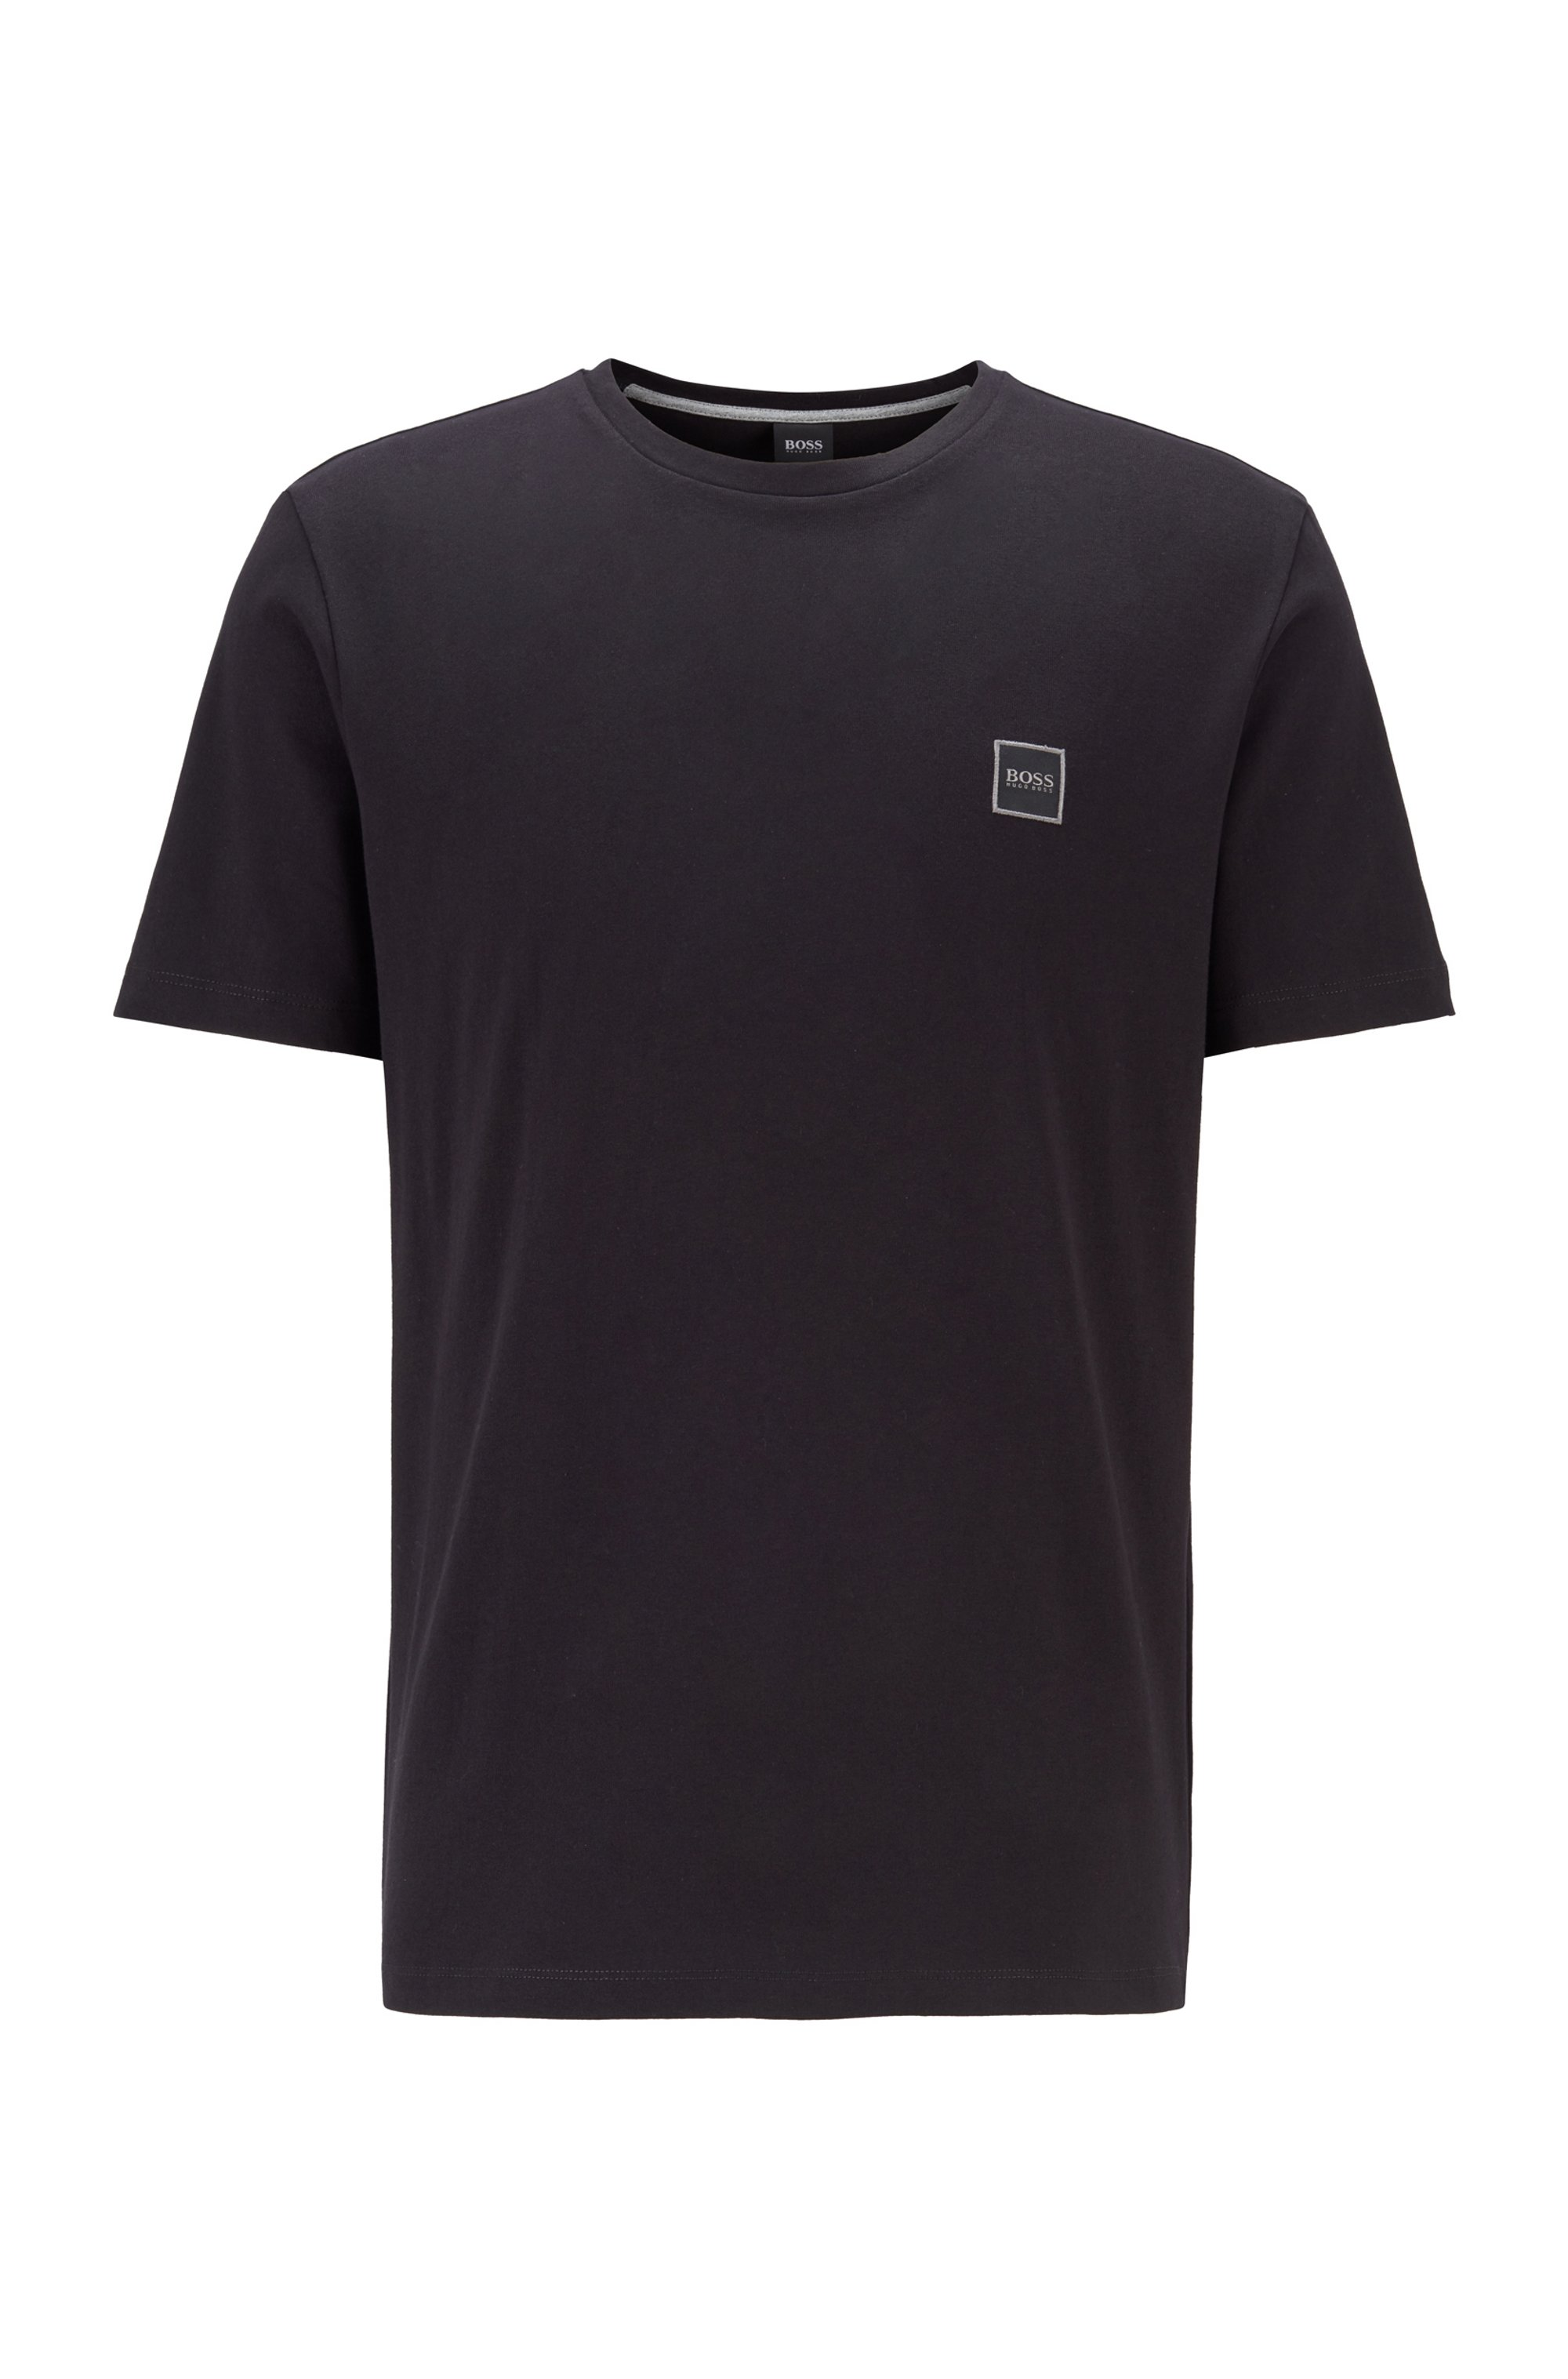 T-Shirt aus Baumwoll-Jersey mit Rundhalsausschnitt, Schwarz